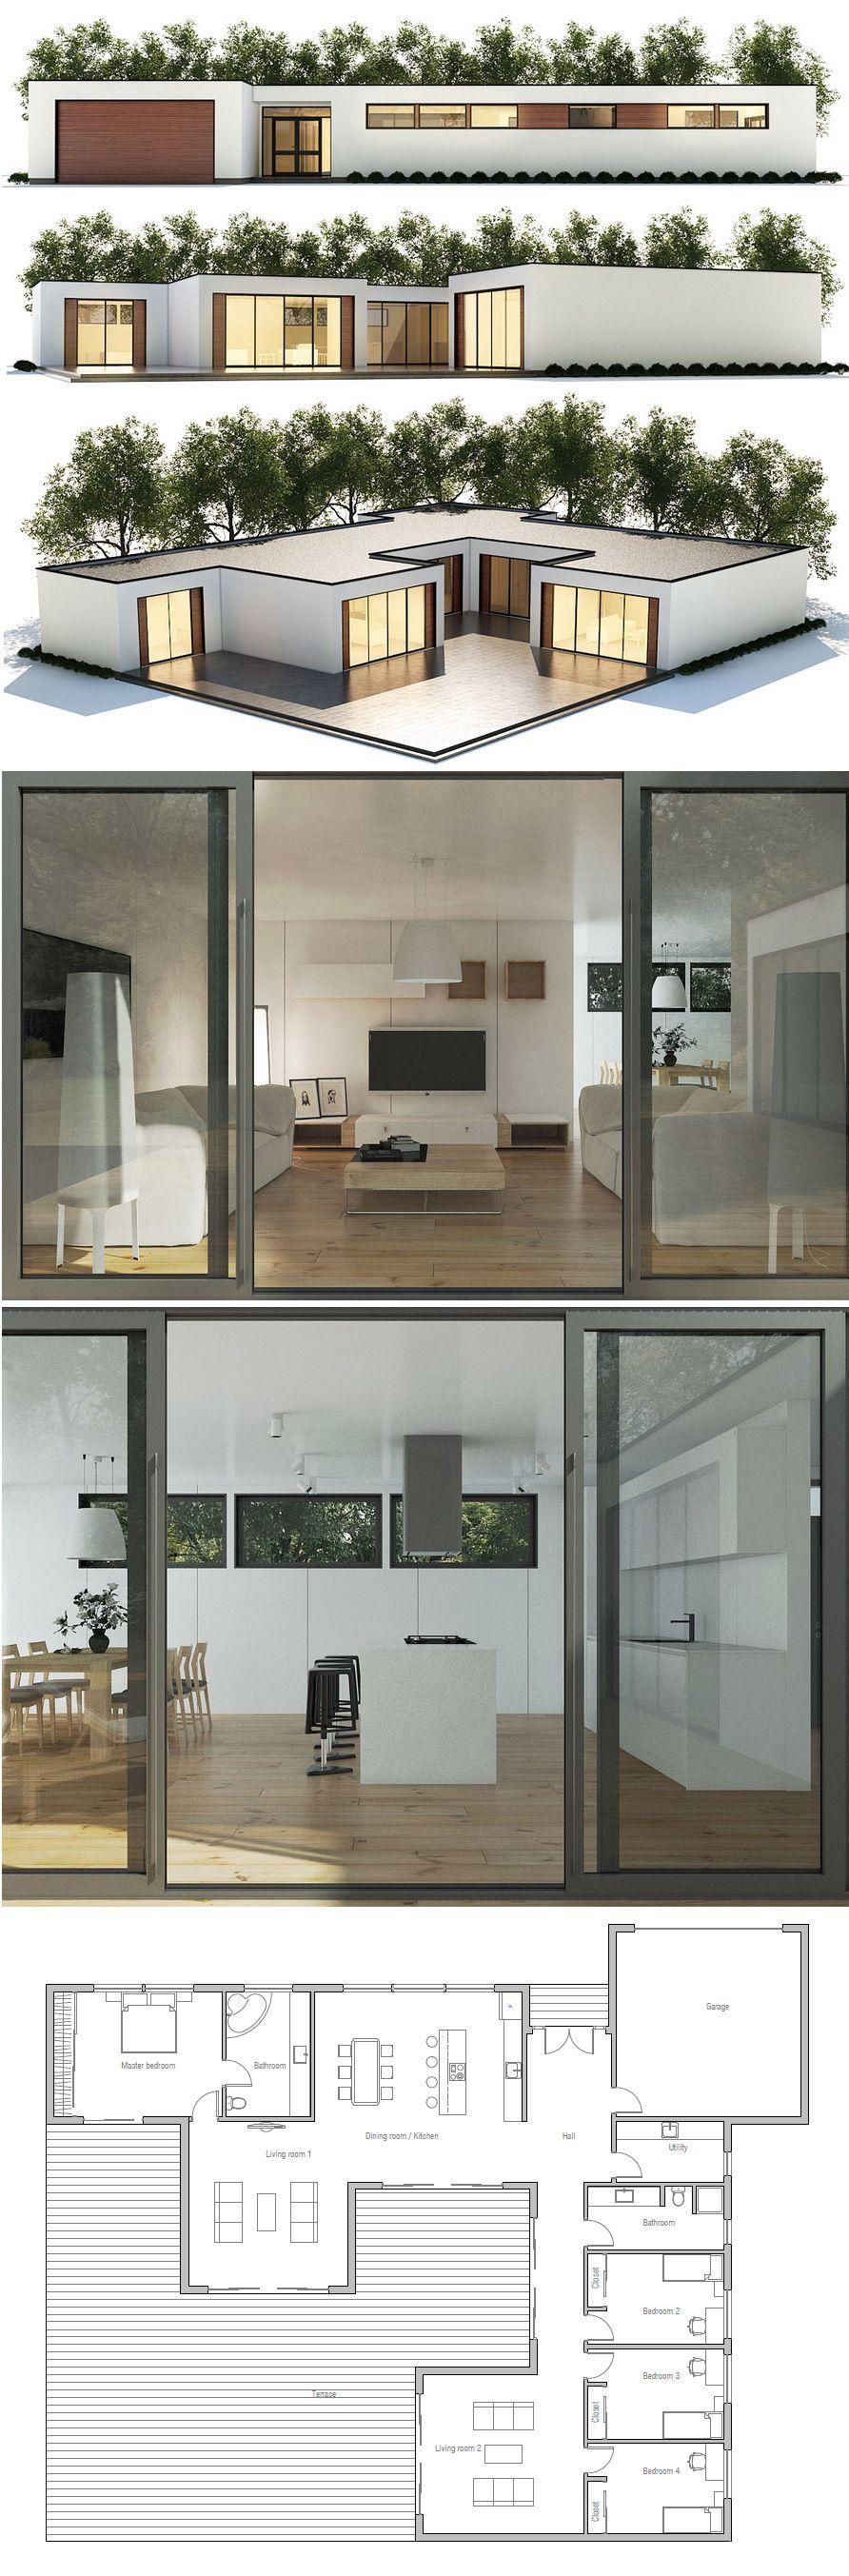 Conex Box House | Pinterest | Magazin, Architektur und Bilder